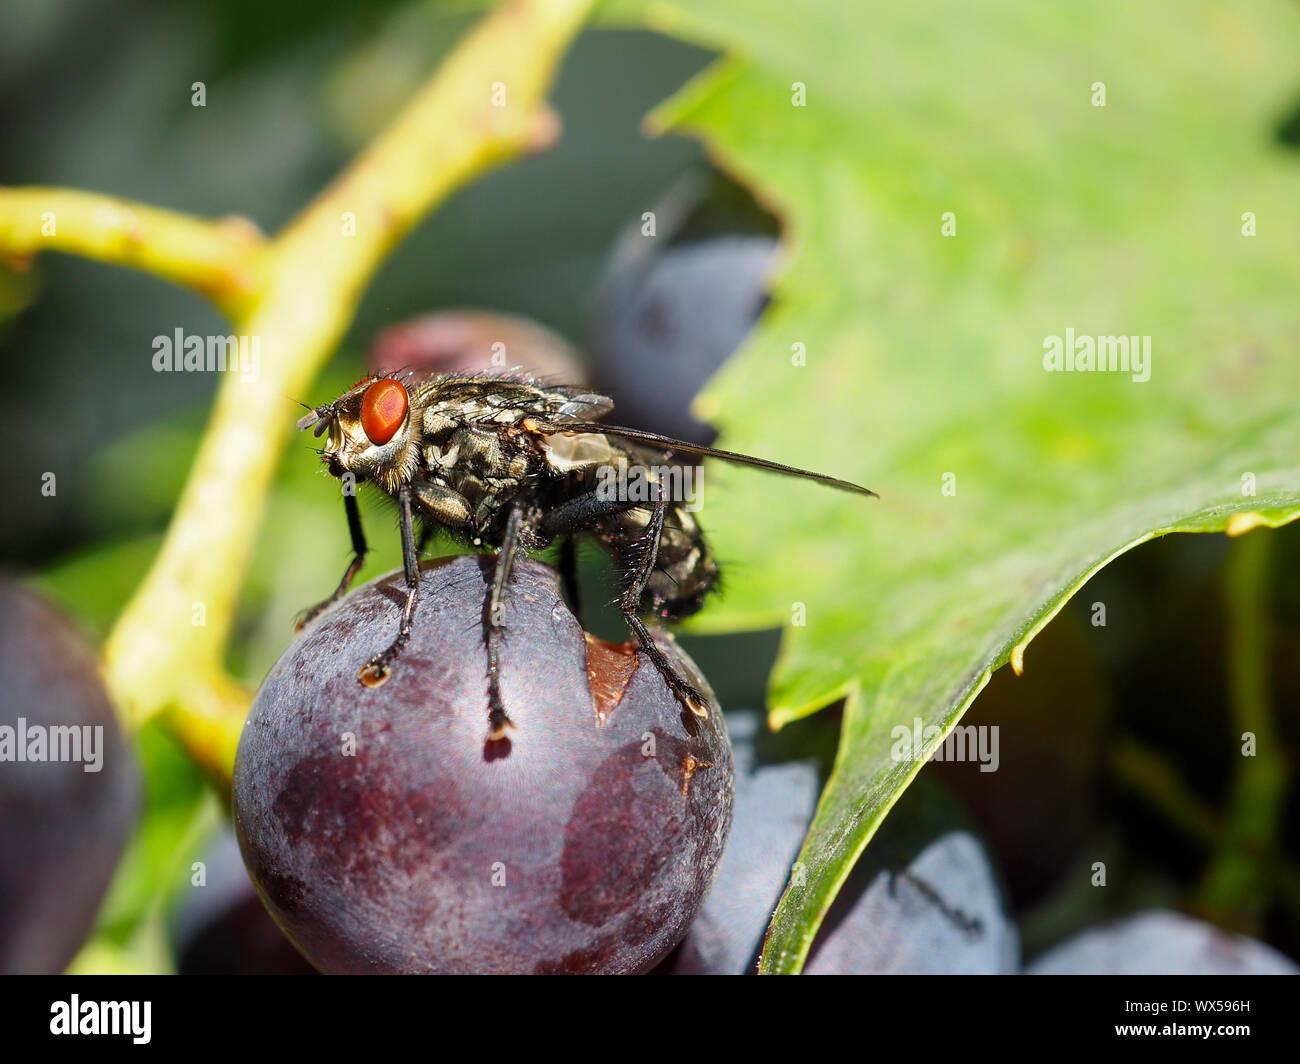 Graue Fleischfliege, Aasfliege (Sarcophaga carnaria) auf dunkler Traube, Weinbeere in Steinen SZ Stock Photo